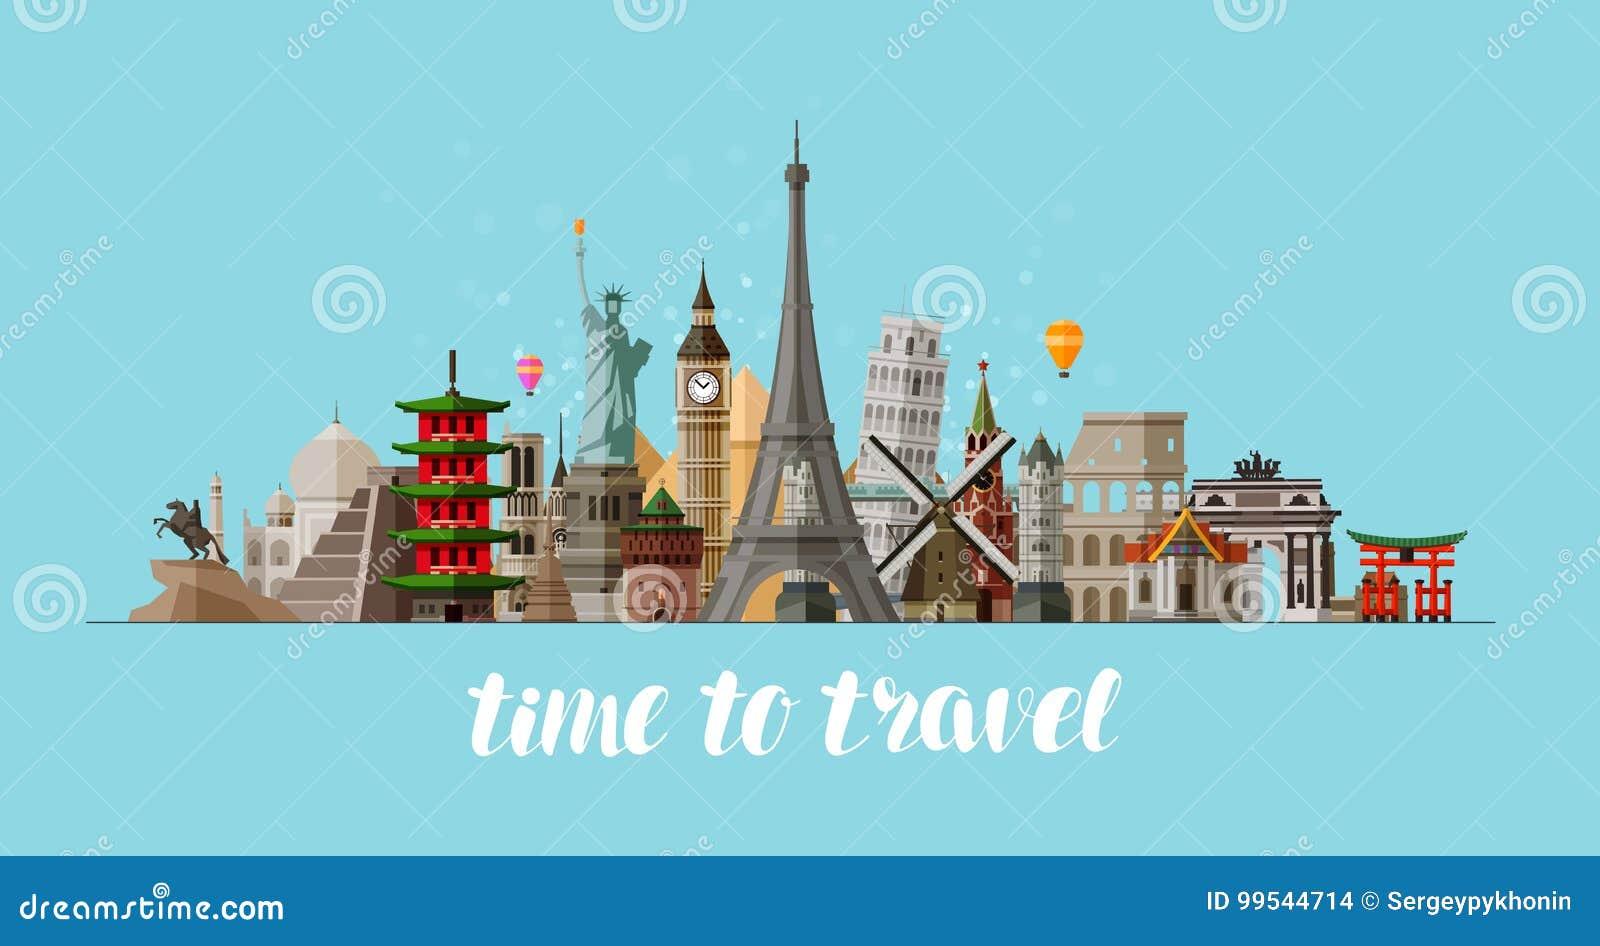 Ταξίδι, έννοια ταξιδιών Διάσημες χώρες θεών του κόσμου επίσης corel σύρετε το διάνυσμα απεικόνισης